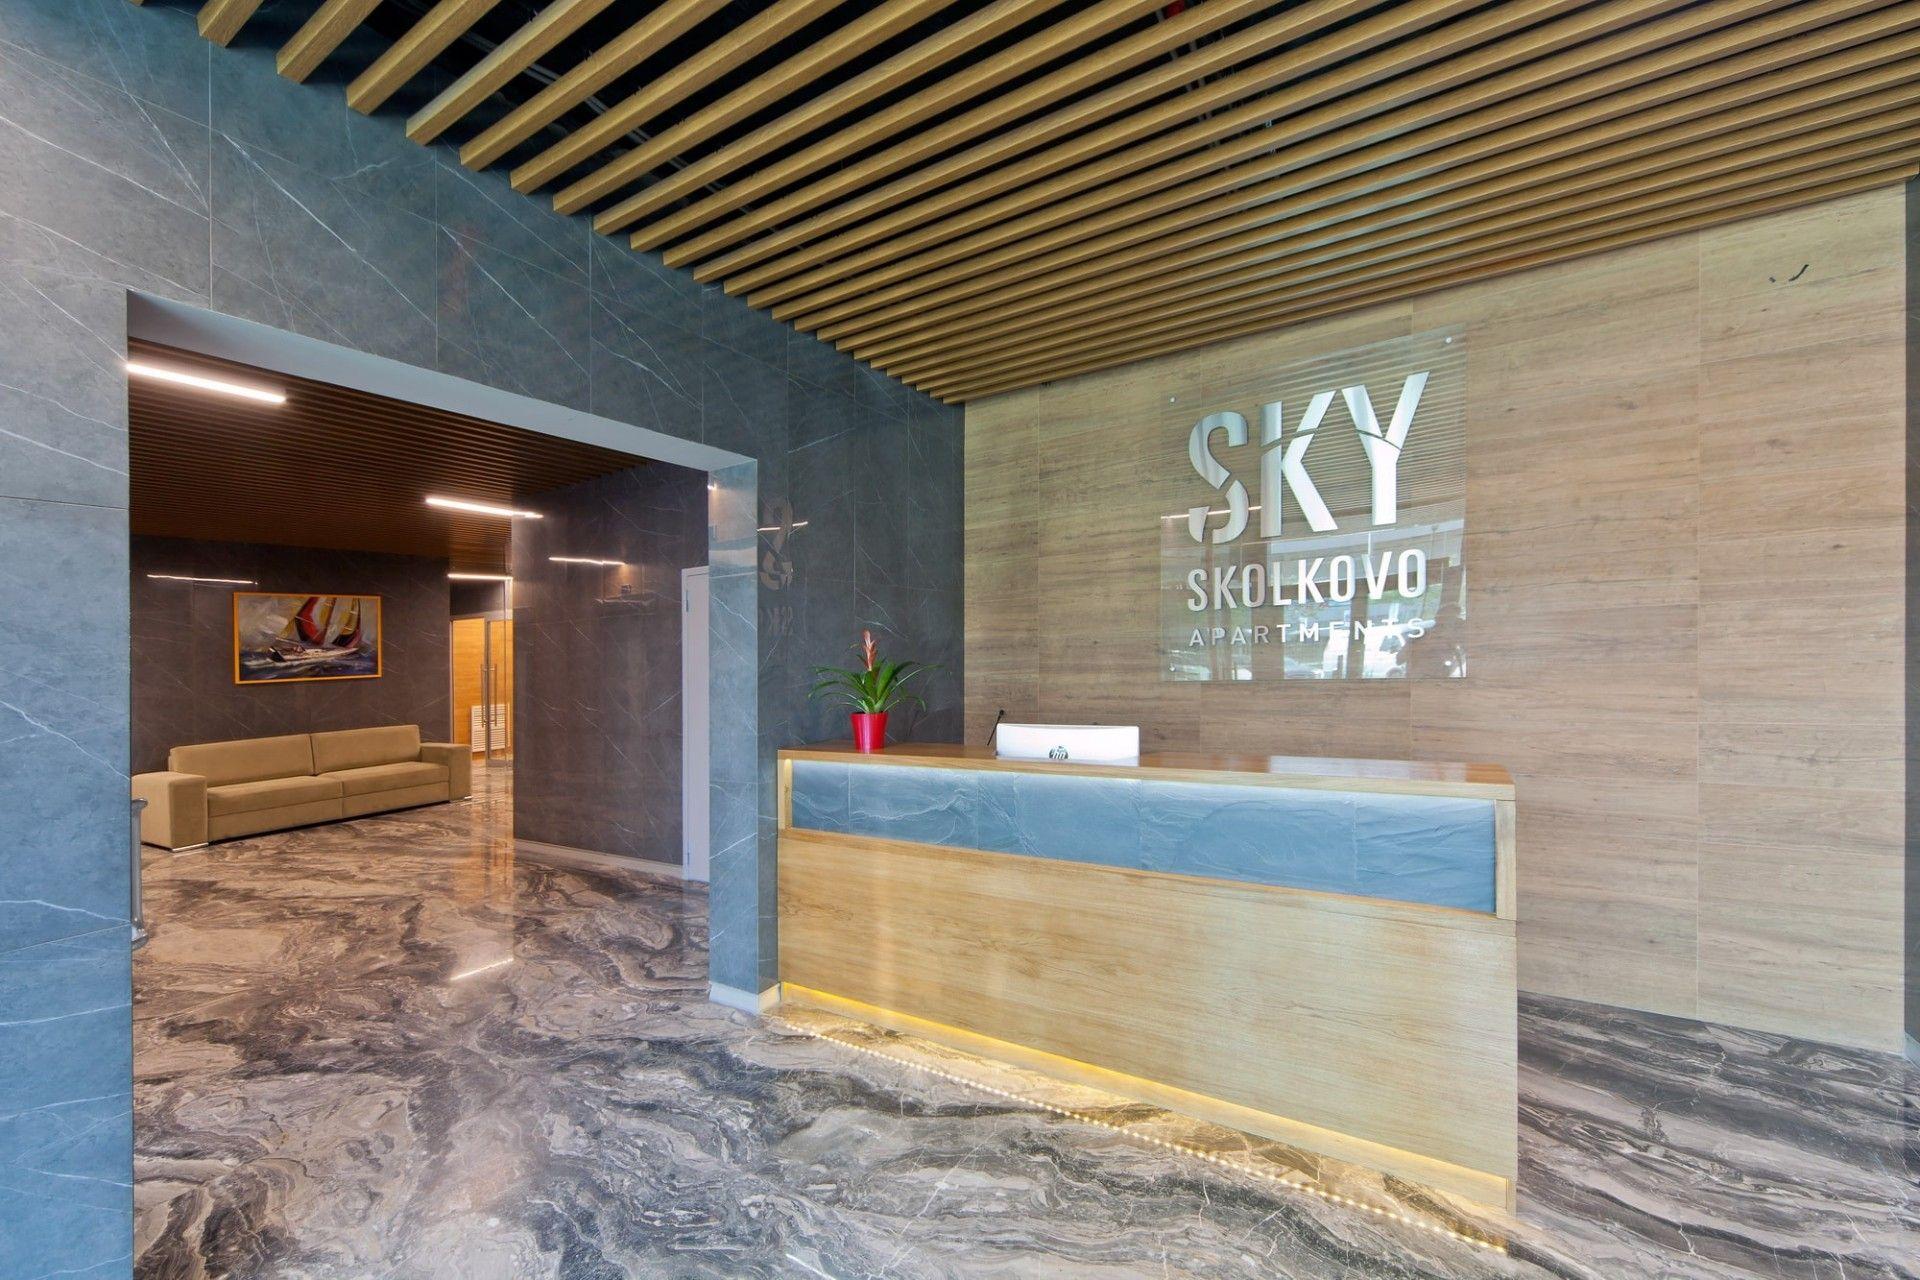 купить квартиру в ЖК Sky Skolkovo (Скай Сколково)